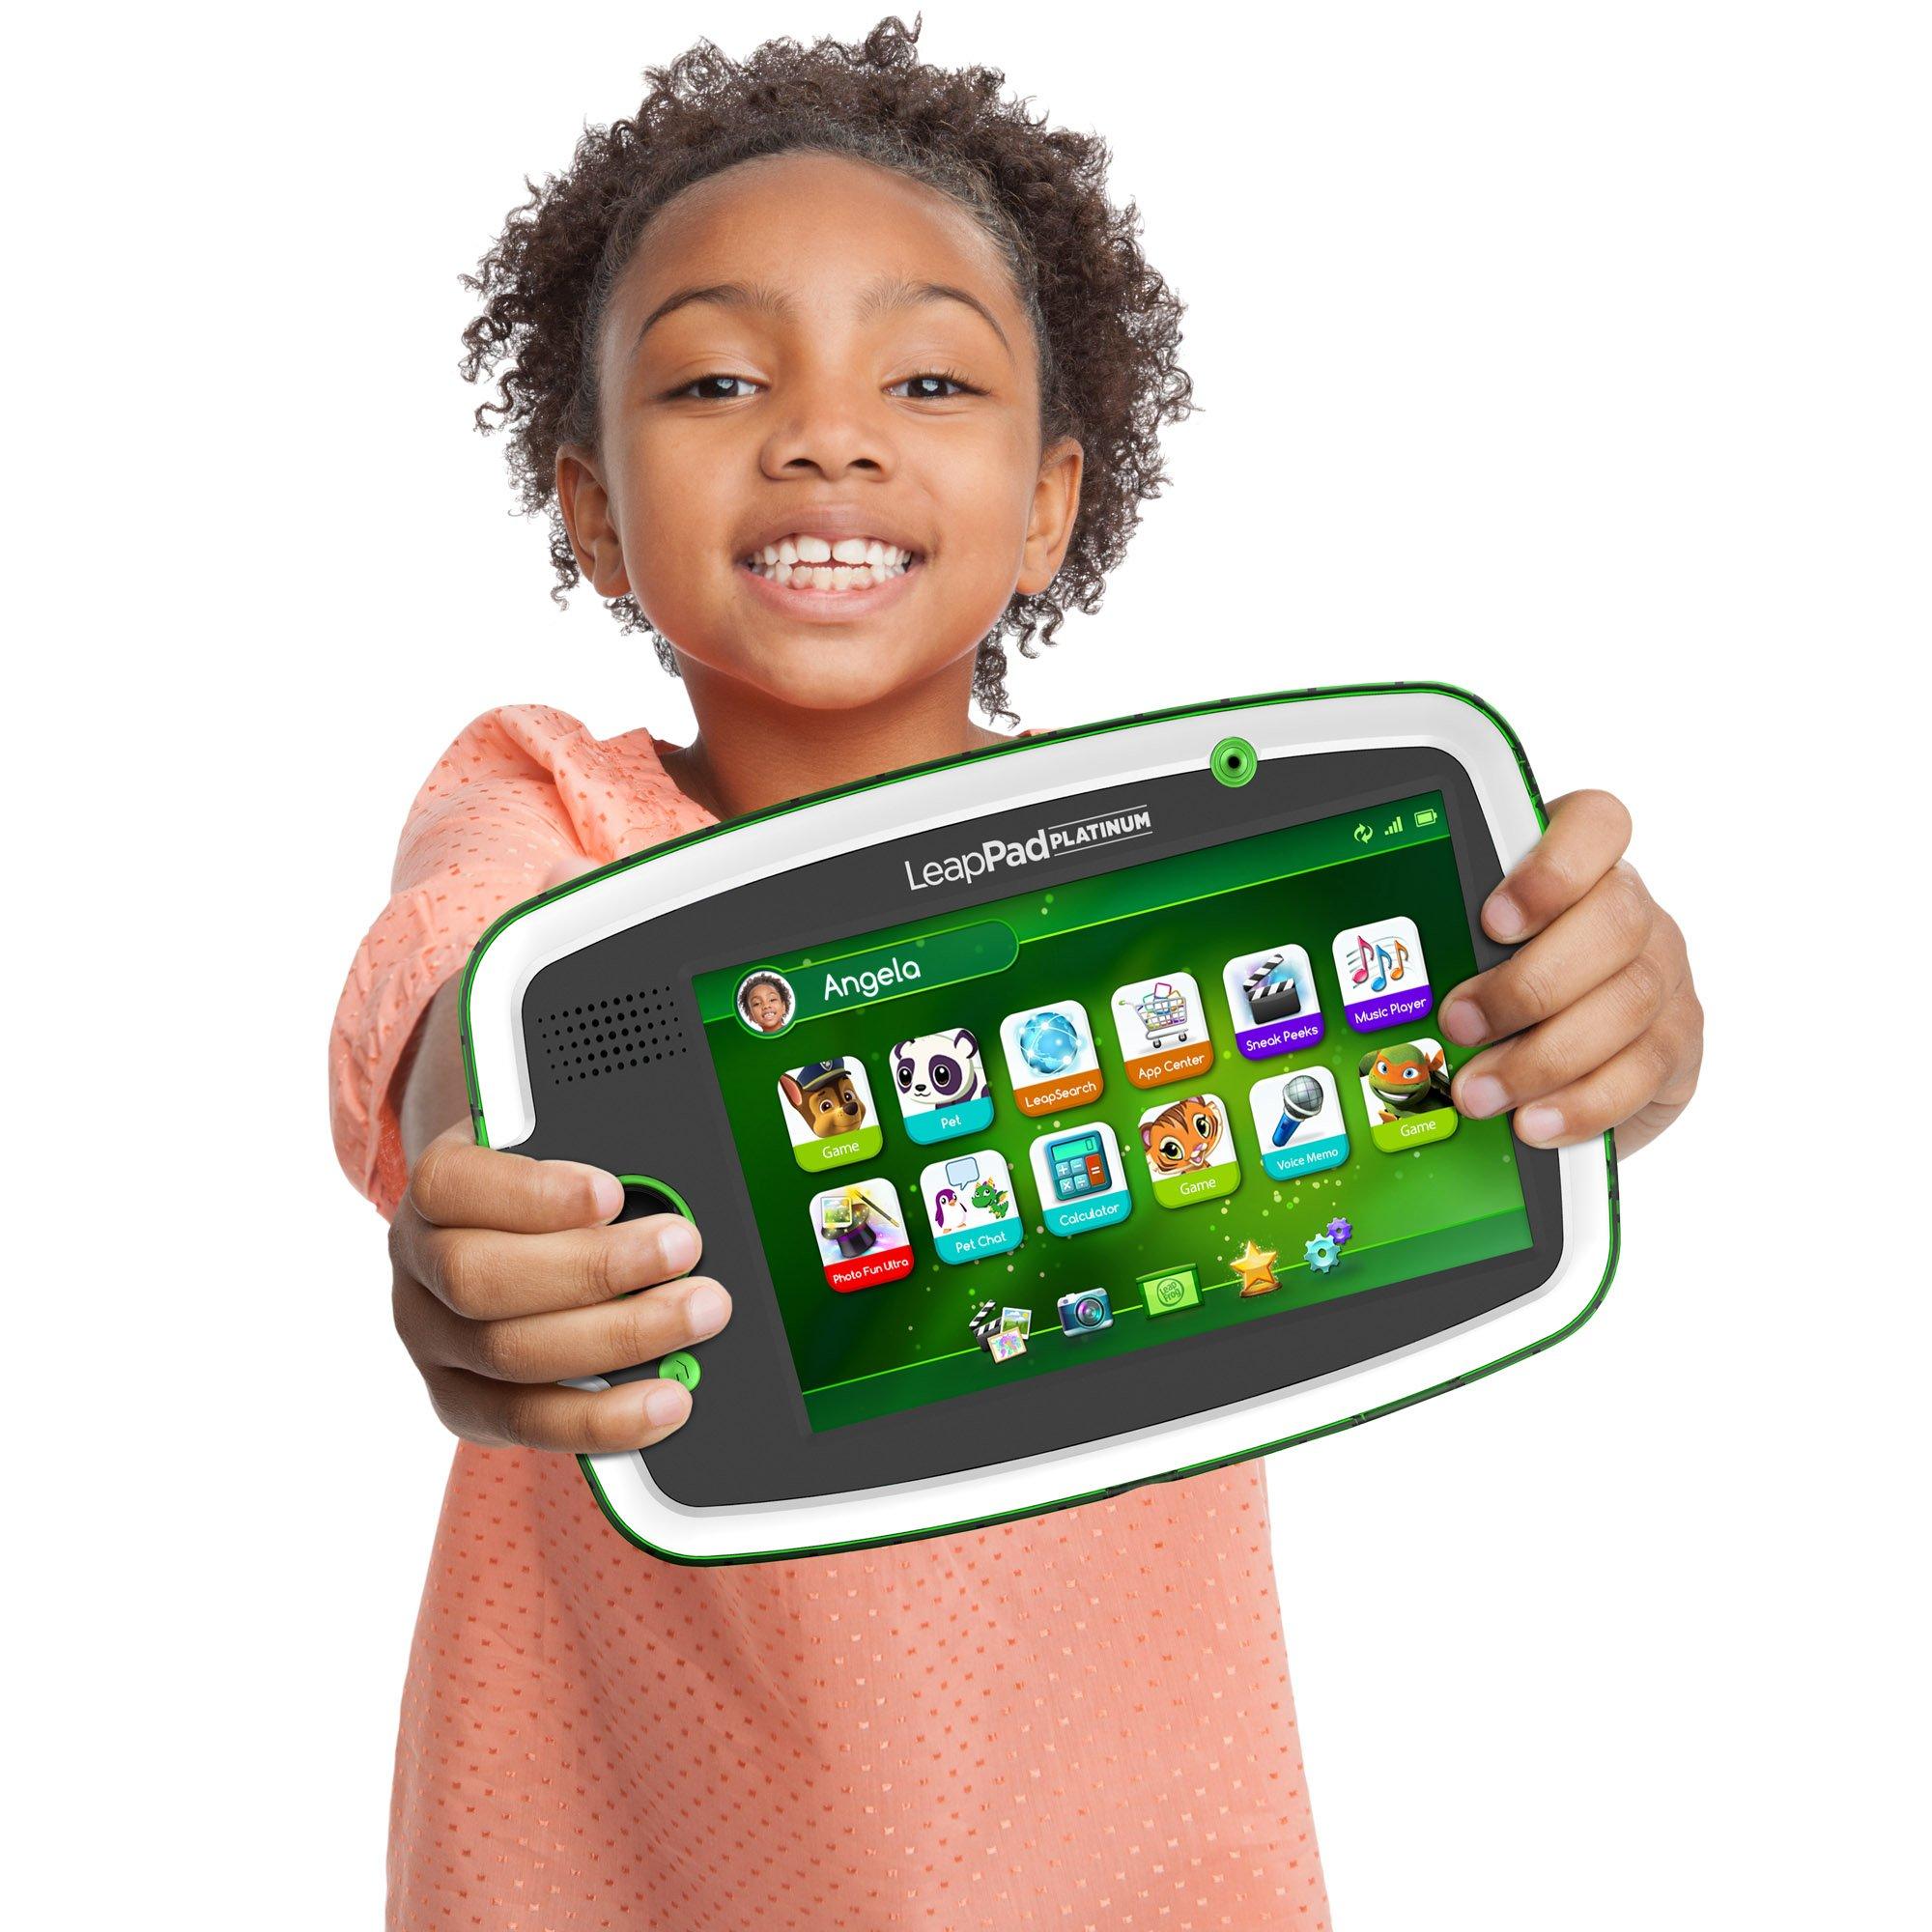 LeapFrog LeapPad Platinum Kids Learning Tablet, Green by LeapFrog. (Image #9)